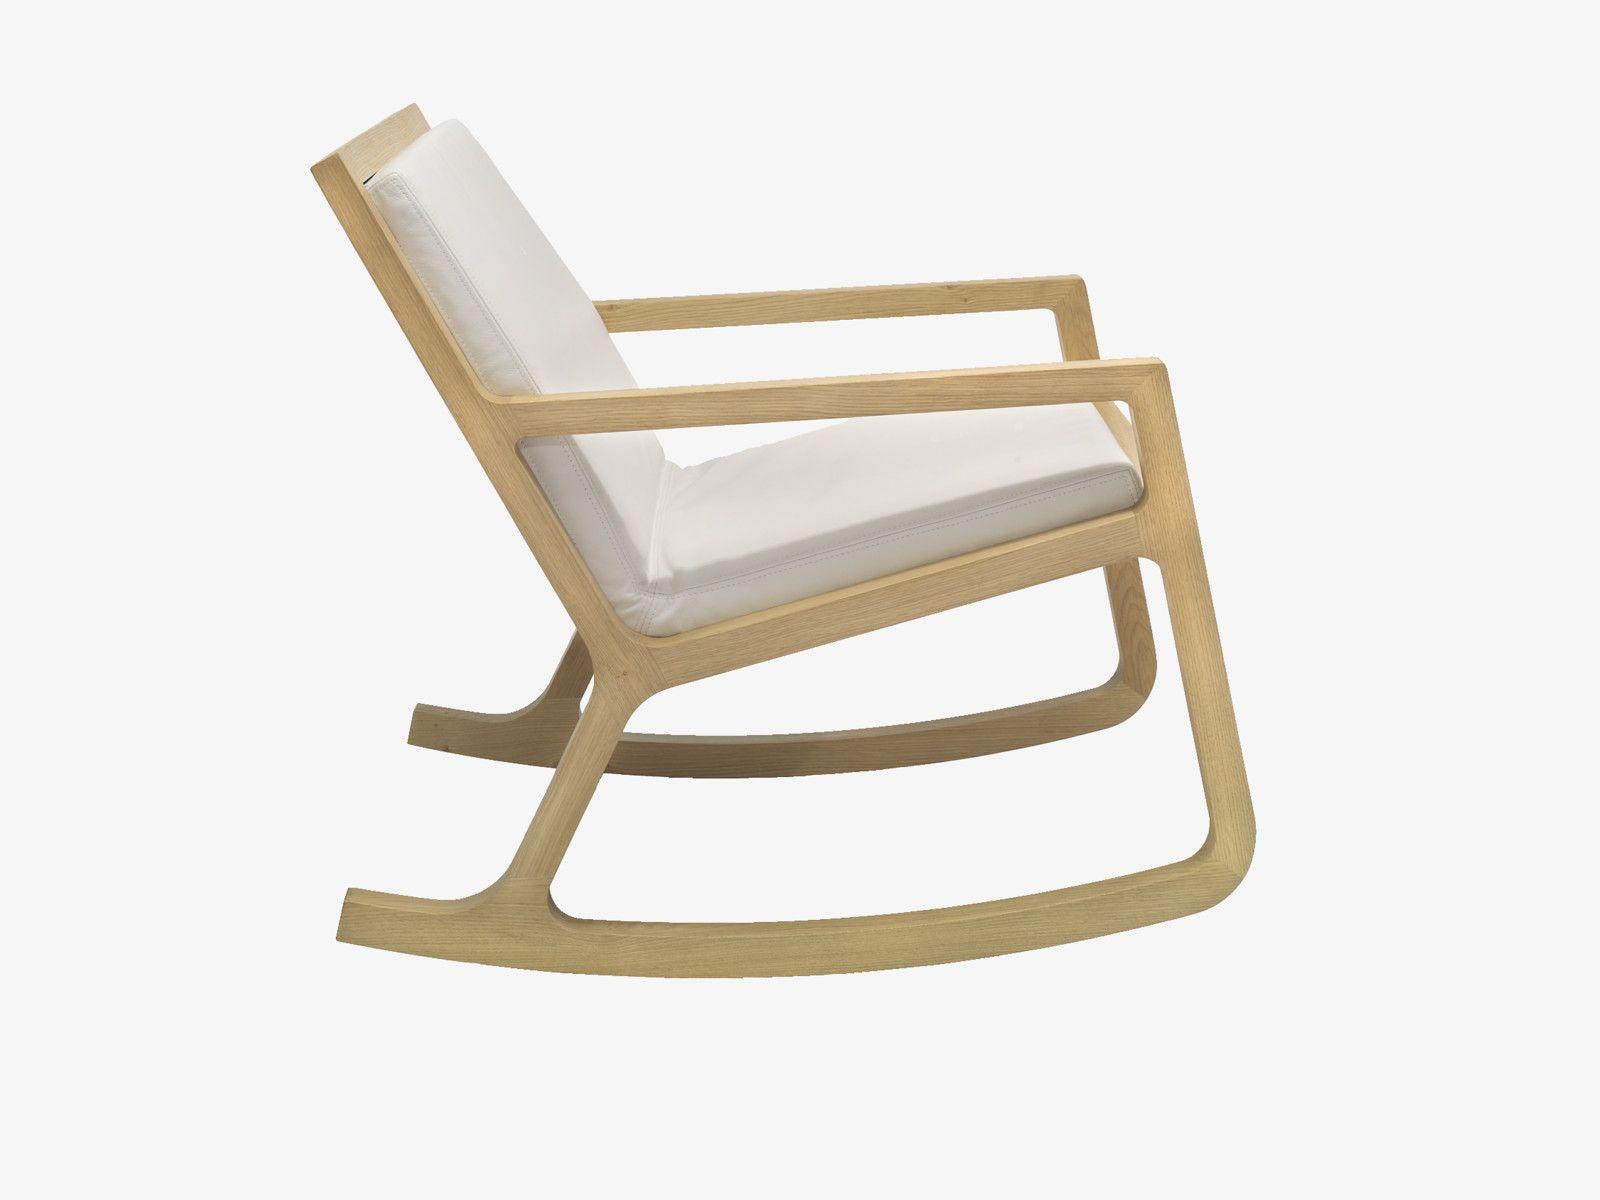 rocker neutre bois fauteuil bascule fauteuils habitat l60xp84xh75cm 520 rocking chair. Black Bedroom Furniture Sets. Home Design Ideas